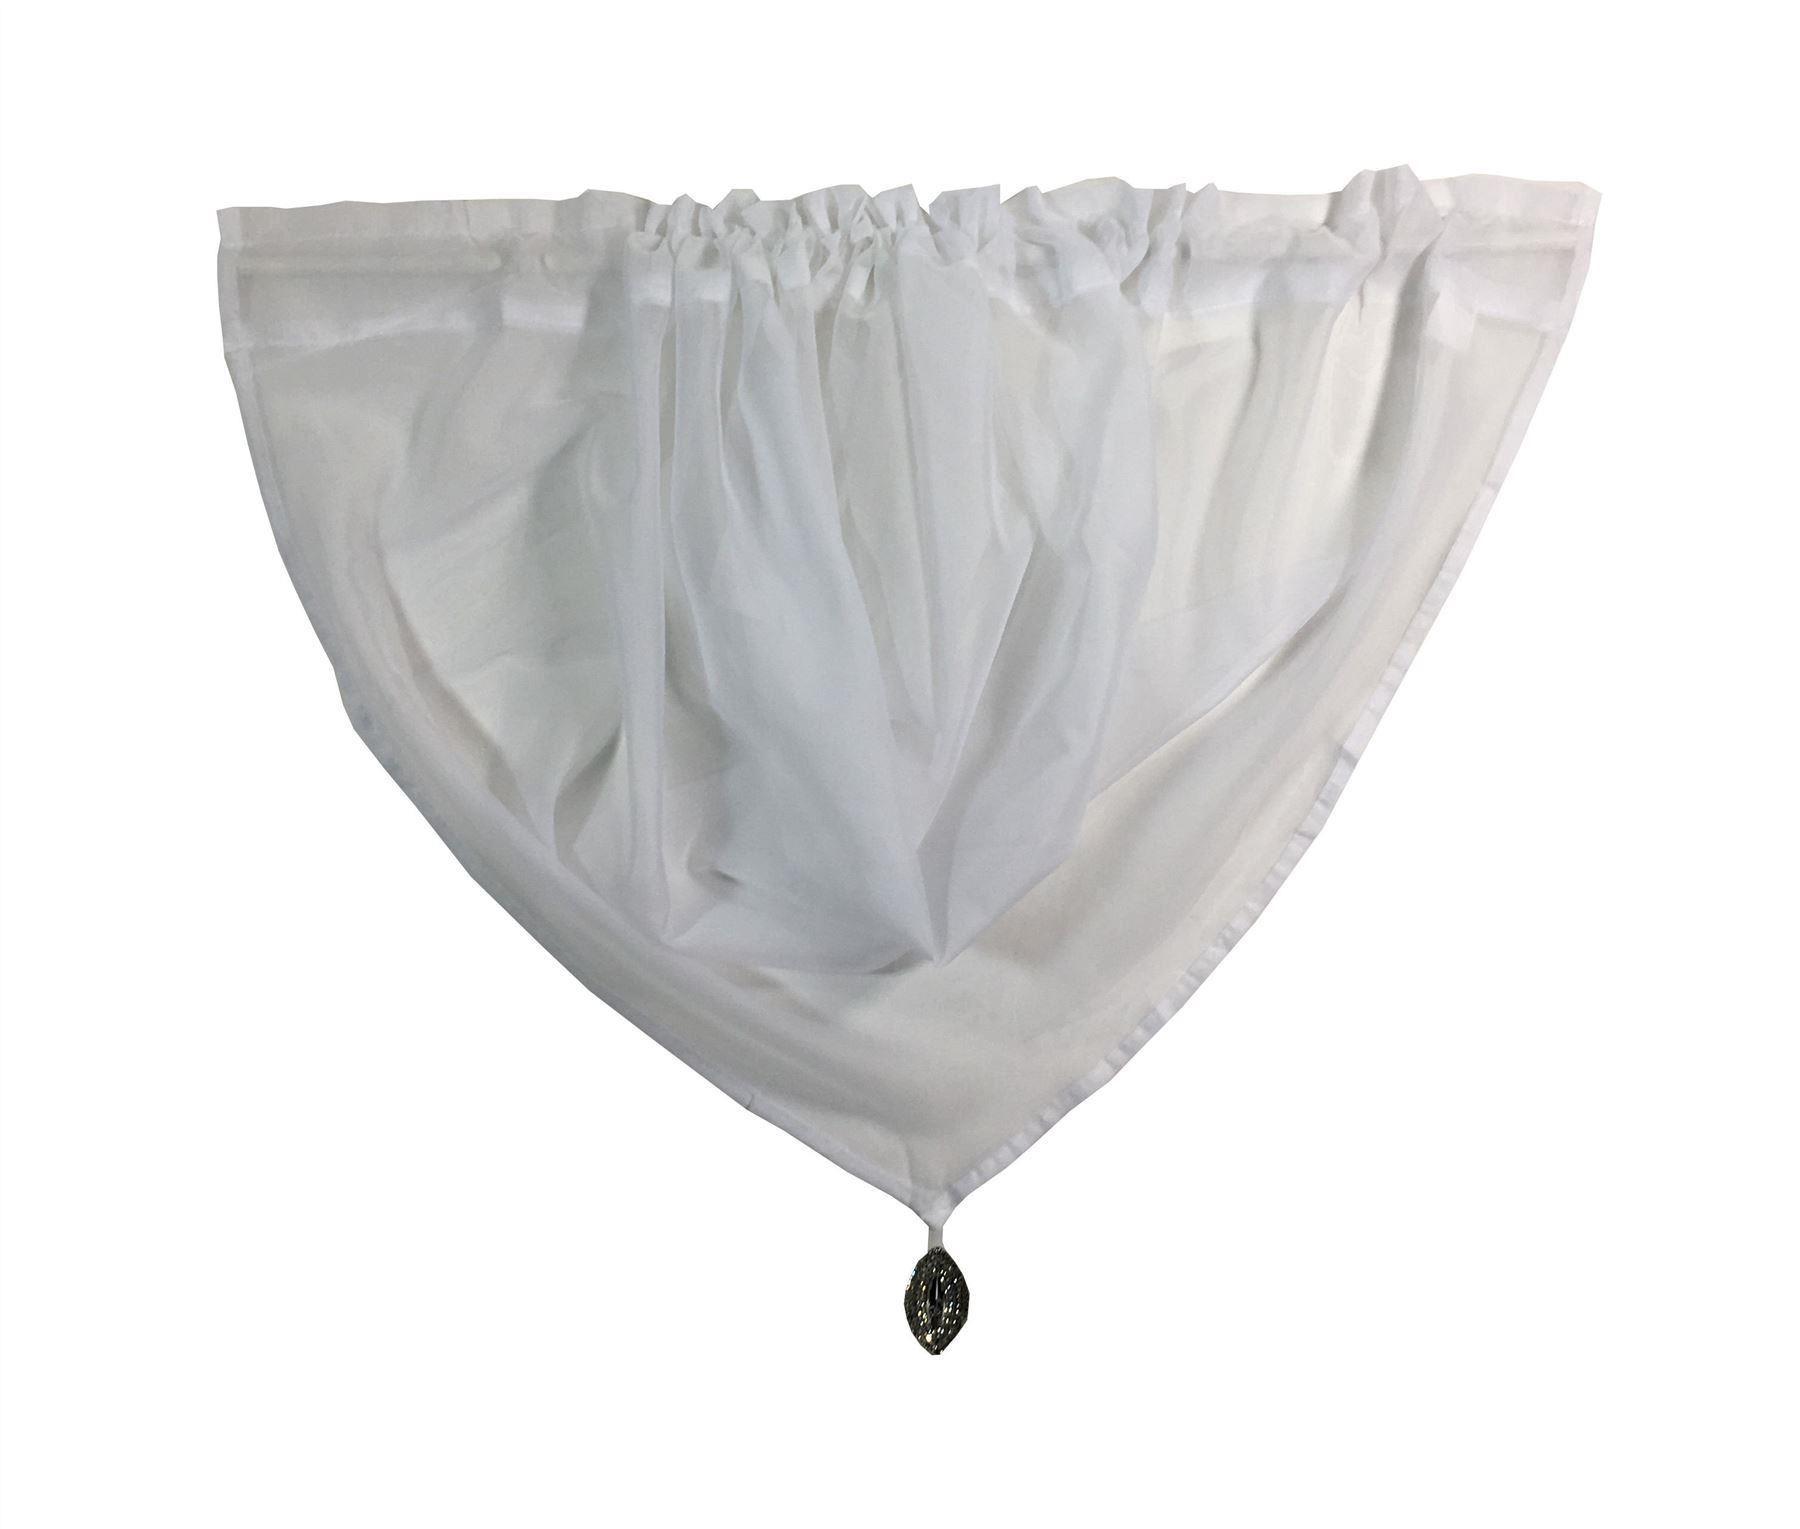 Weiß Strass Kristall Juwelen Perlen Rand Voile Girlande Stab Taschen Vorhang